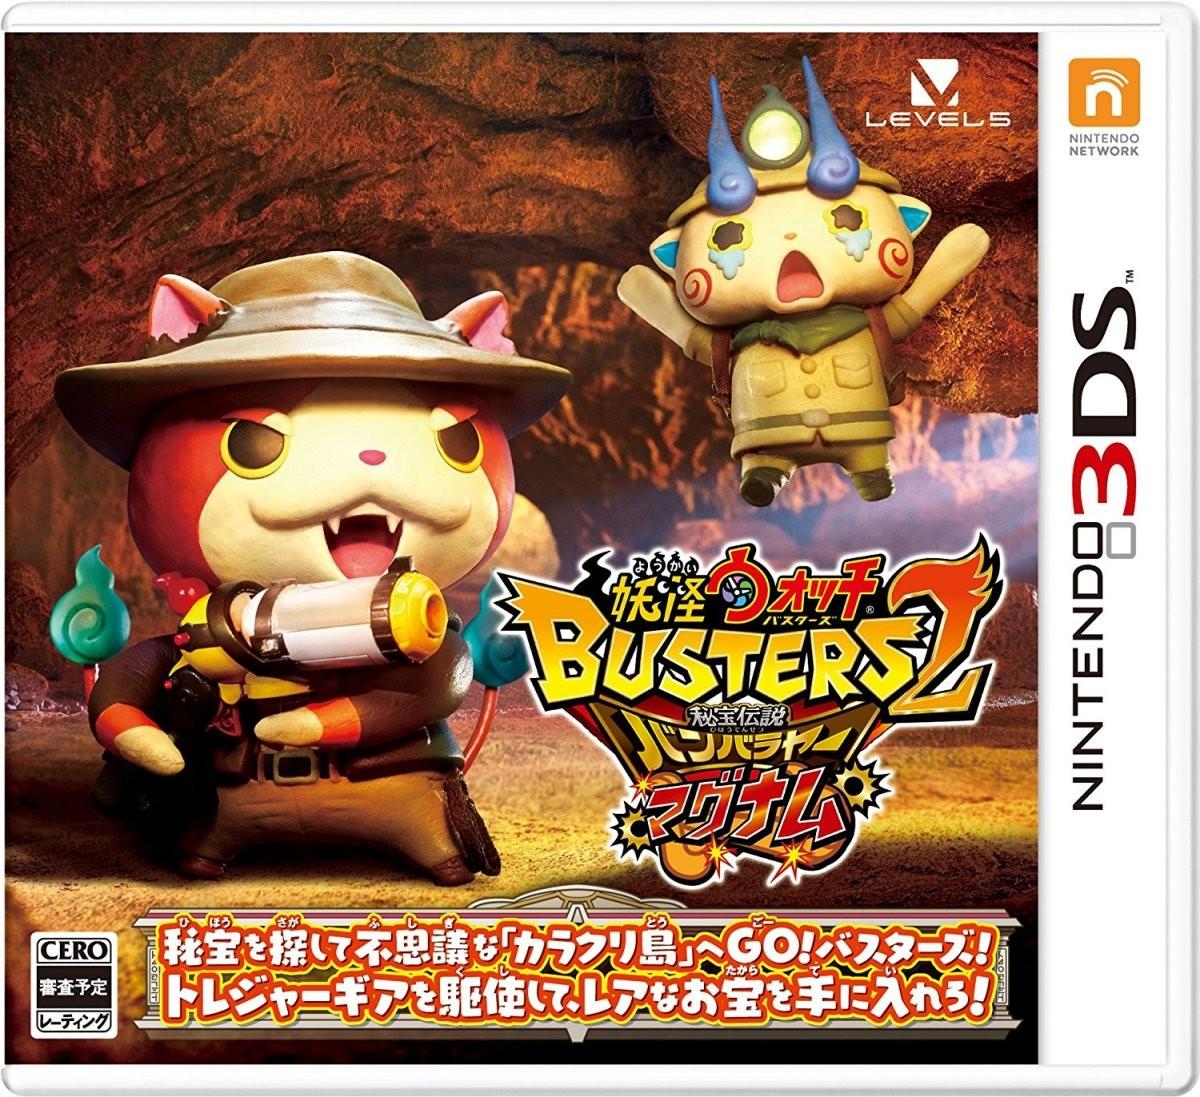 【3DS】レベルファイブ 妖怪ウォッチバスターズ2 秘宝伝説バンバラヤー [マグナム]の商品画像|ナビ